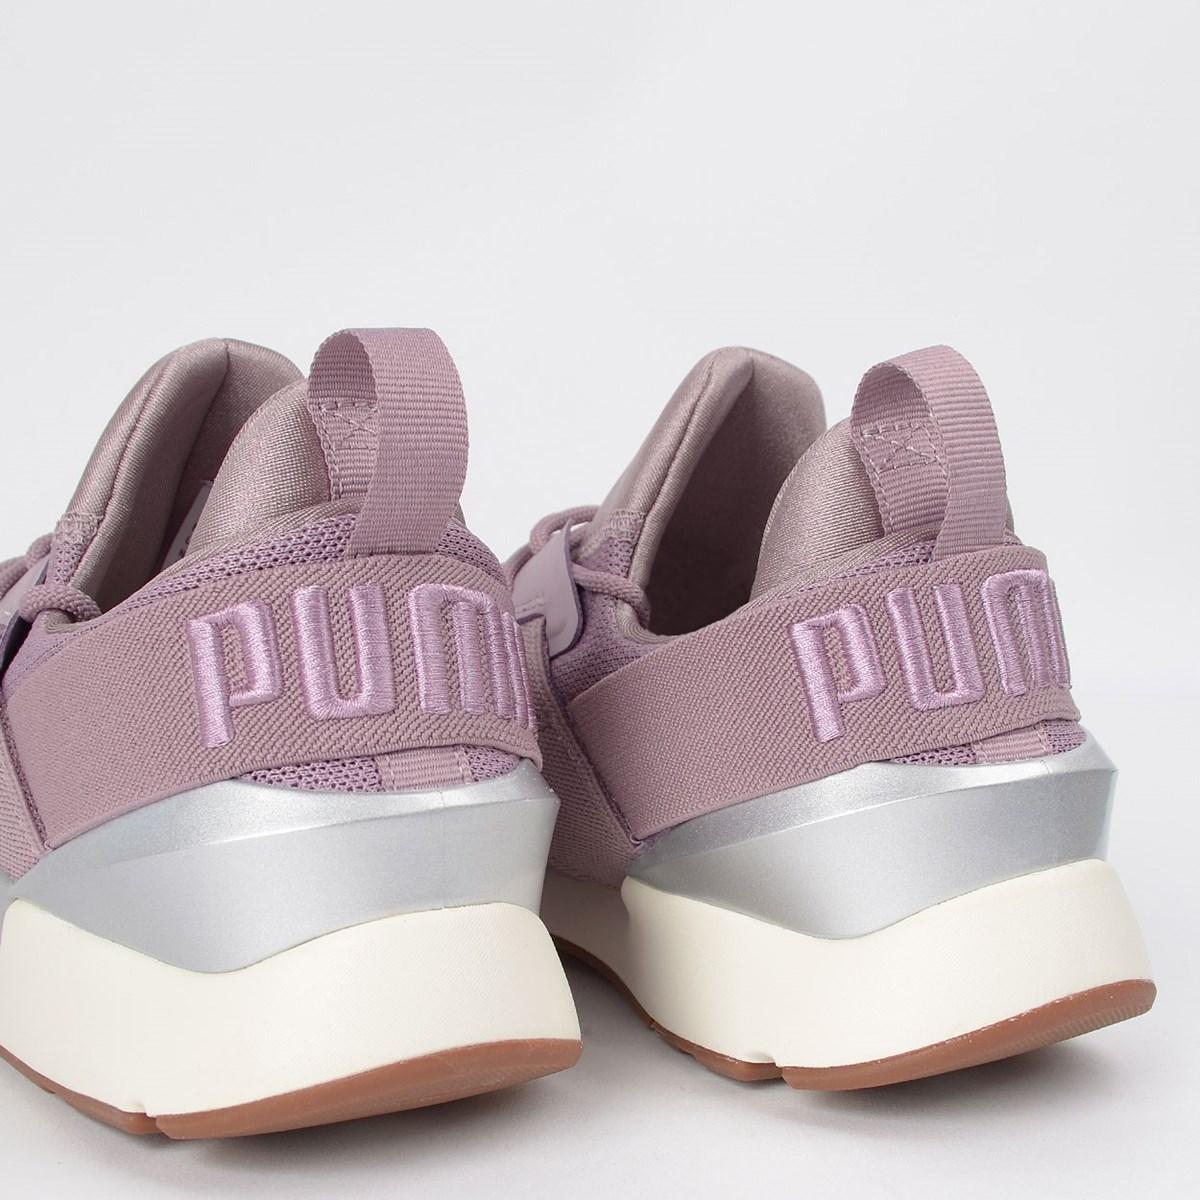 Tênis Puma Muse Mesh Sm Elderberry 37437001